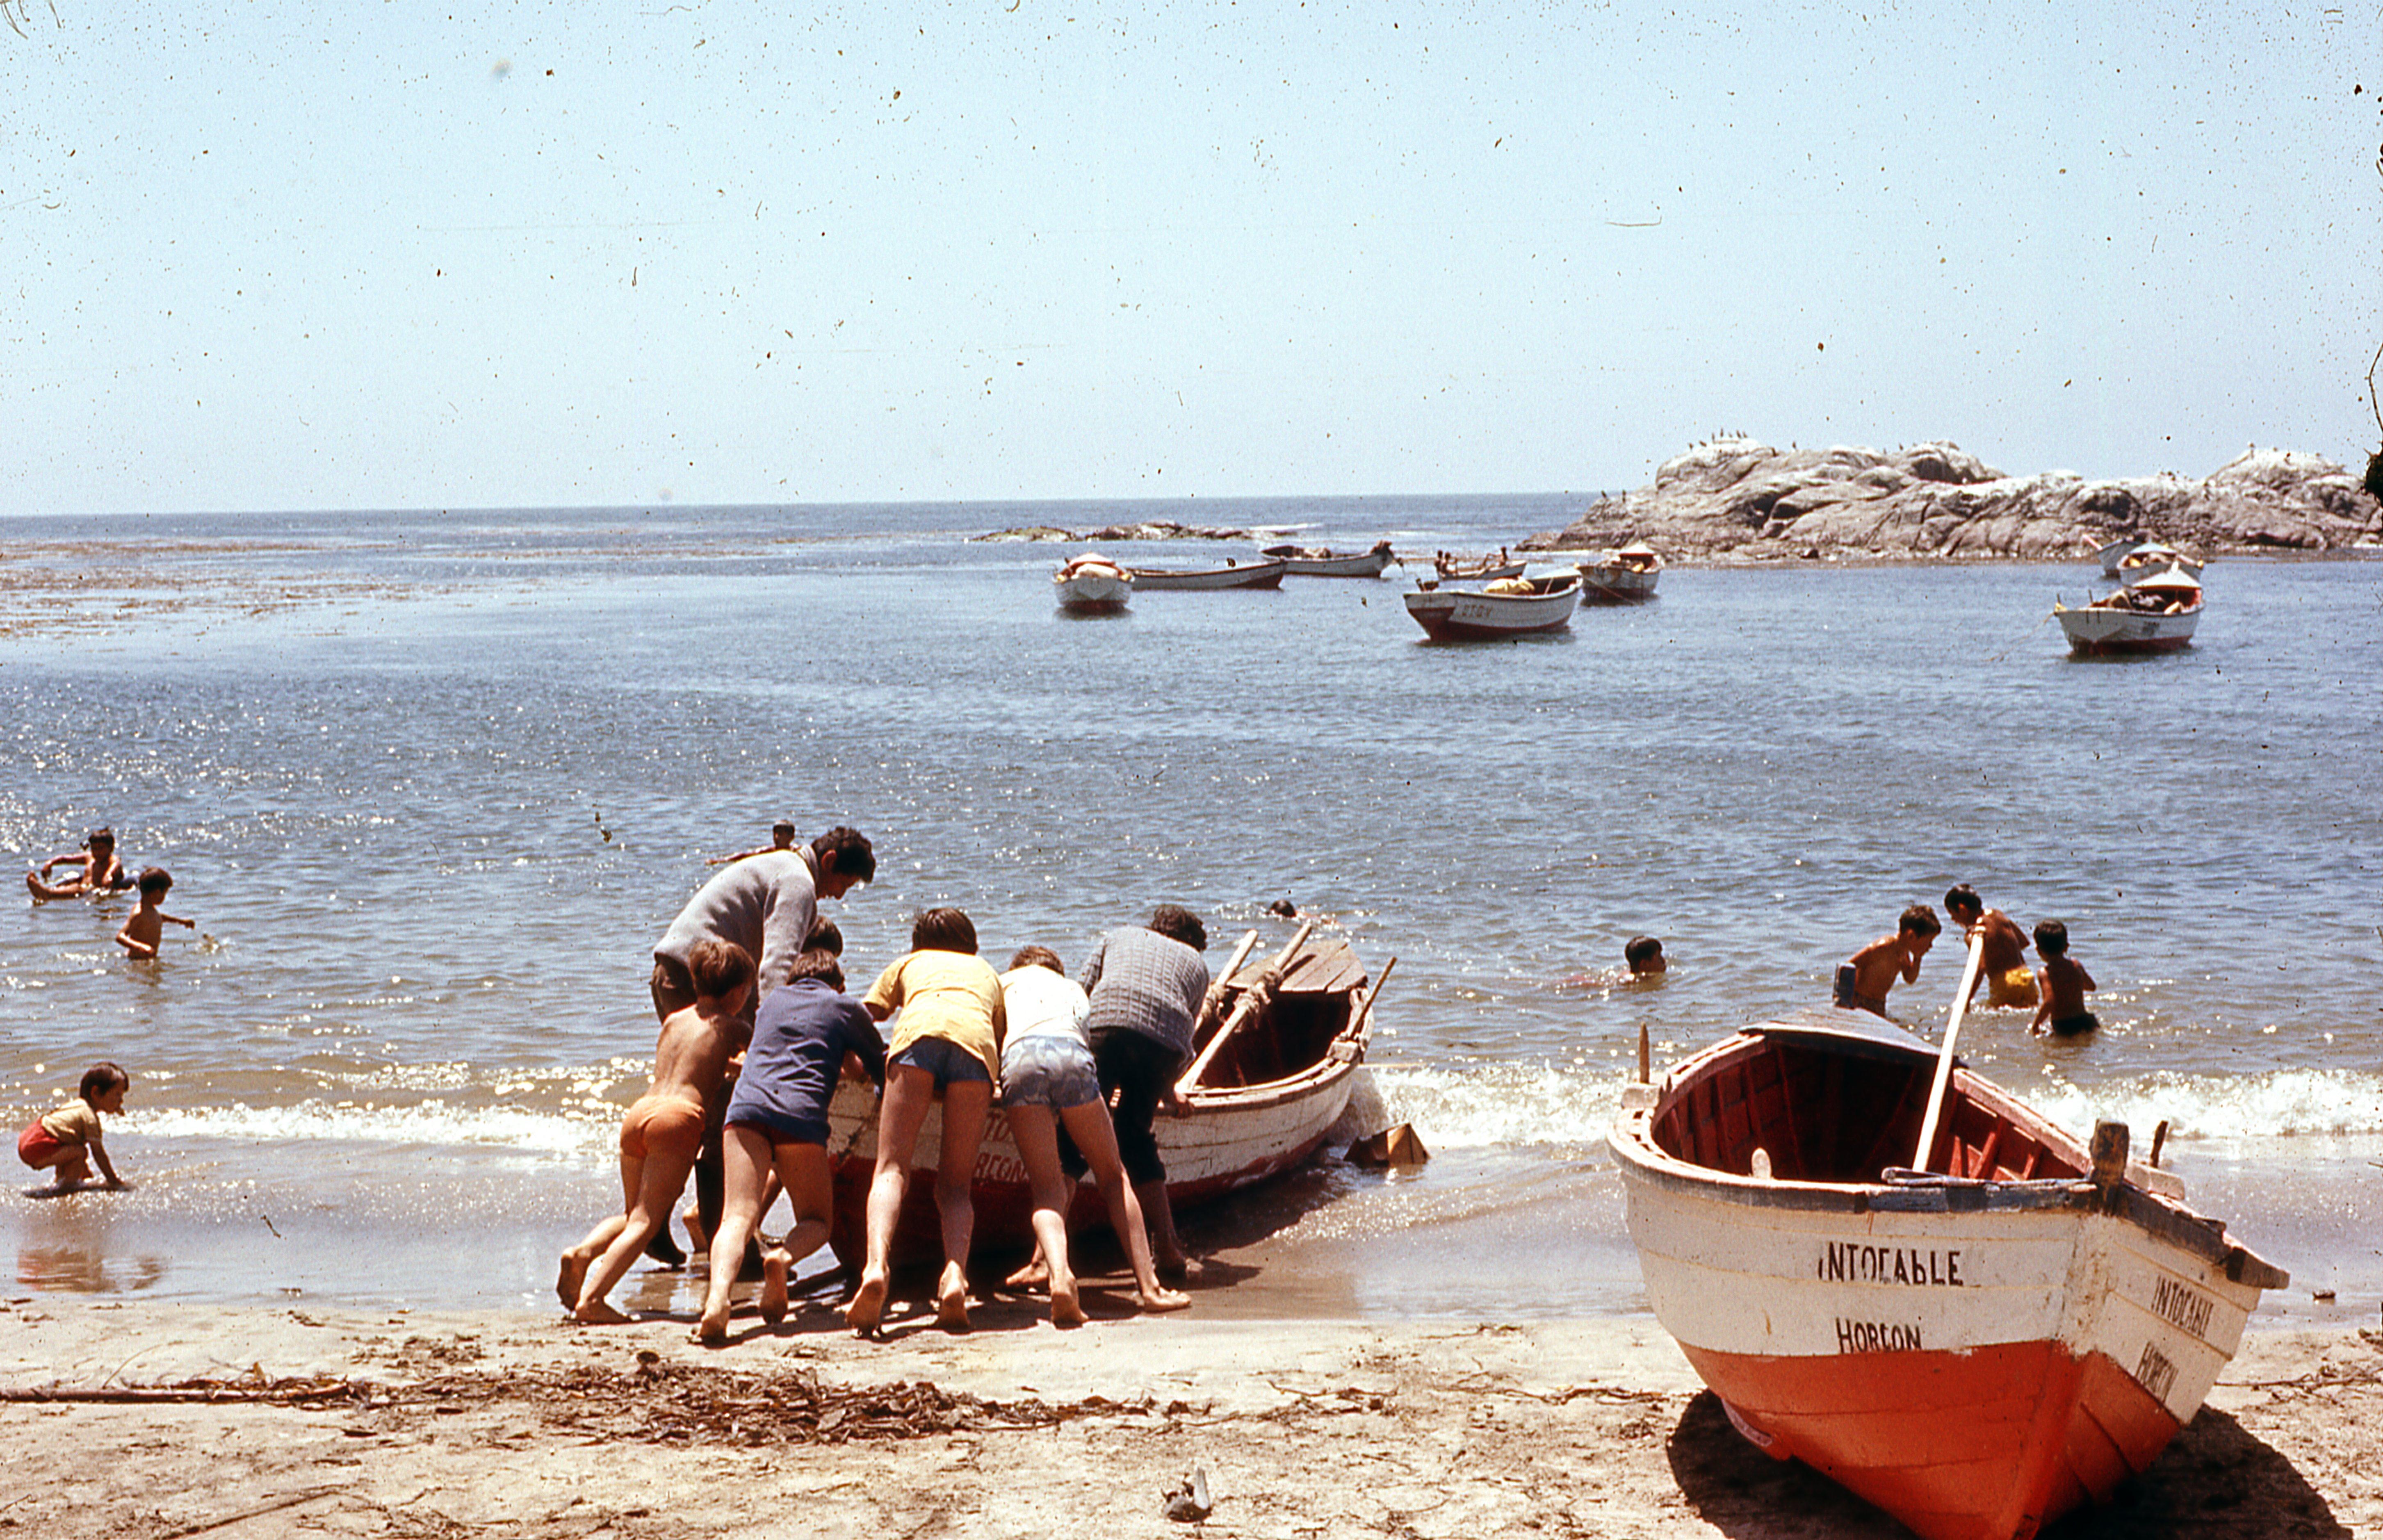 Enterreno - Fotos históricas de chile - fotos antiguas de Chile - Foto tomada por Antonio Labadía